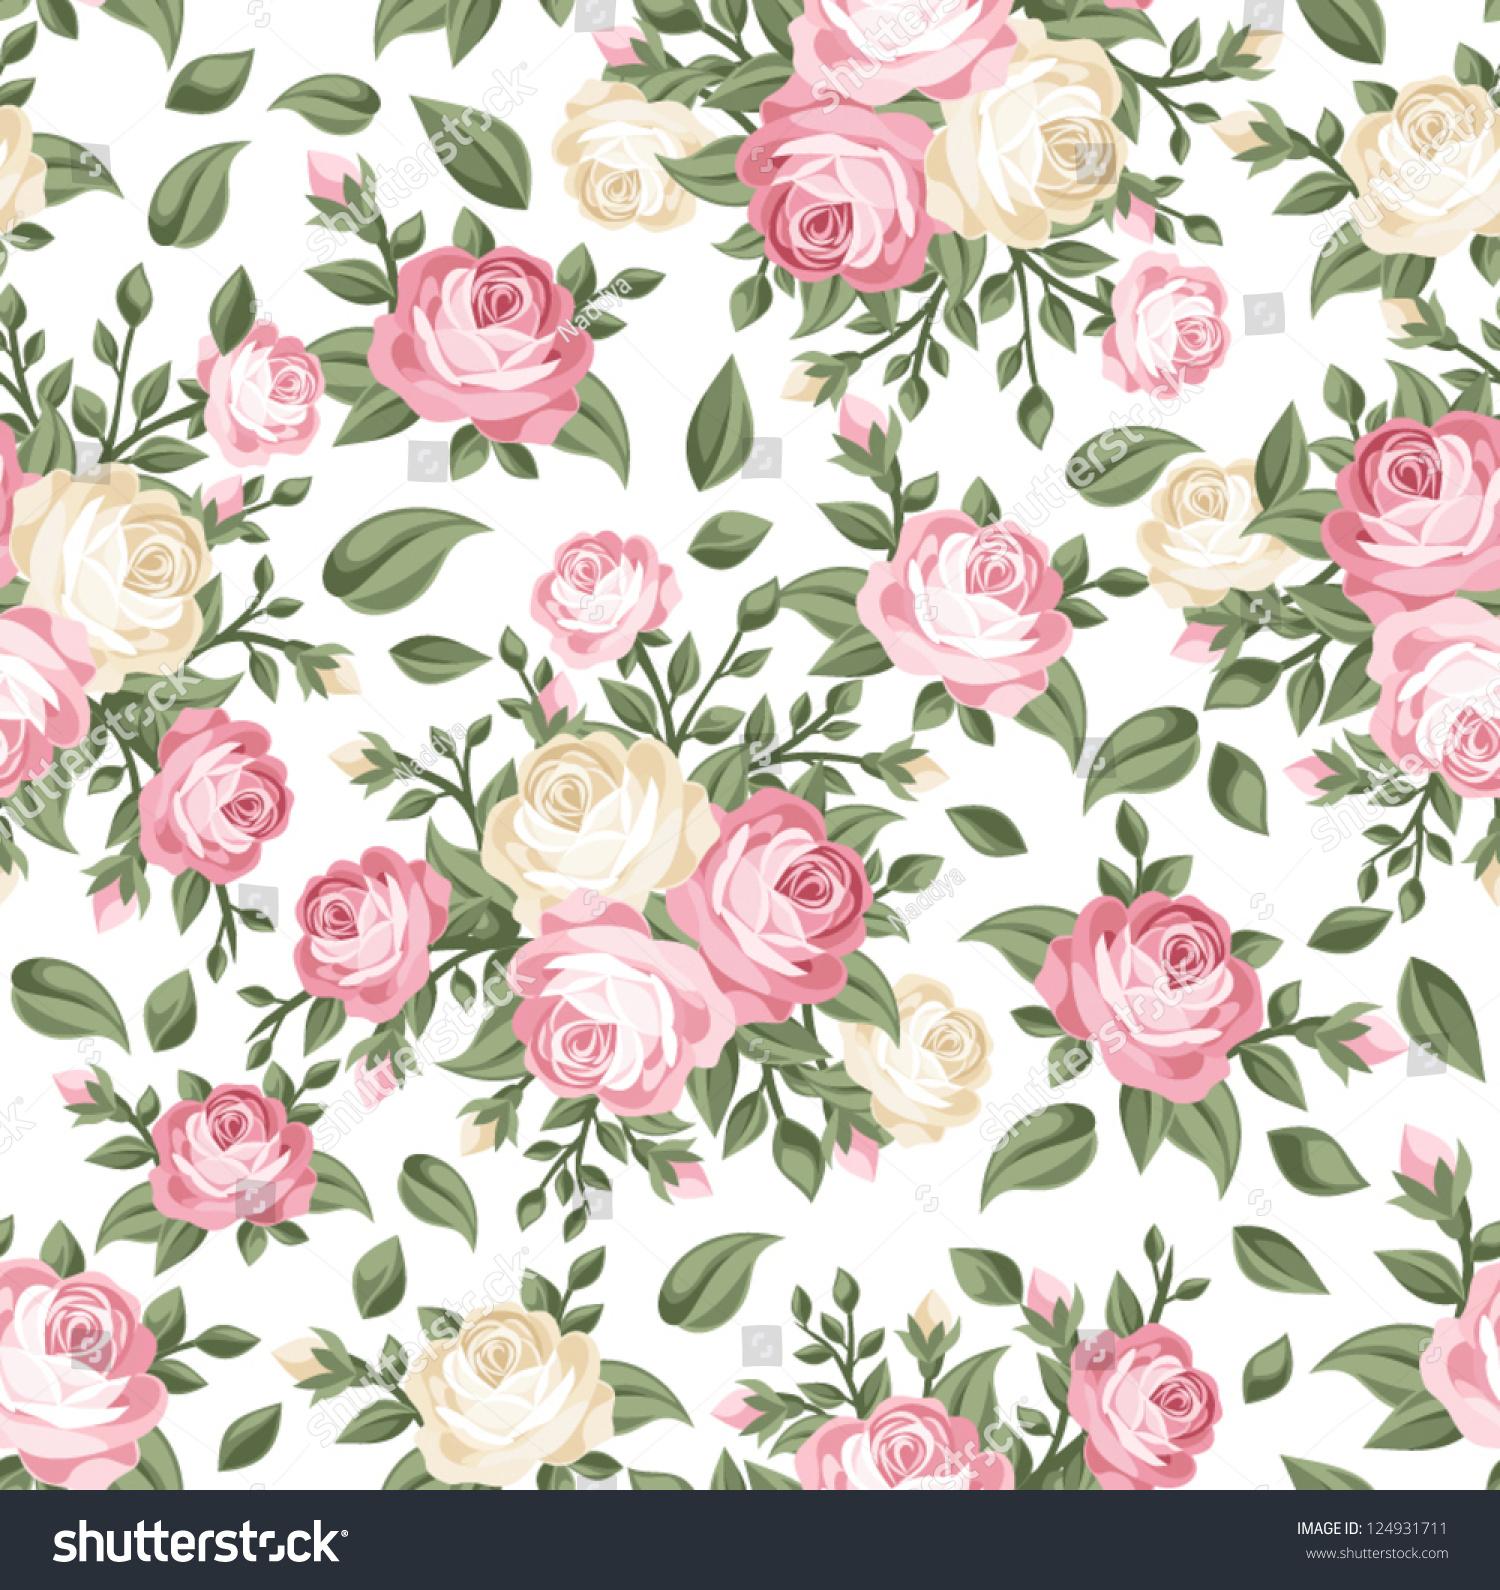 Фоны роз для скрапбукинга 5 фотография